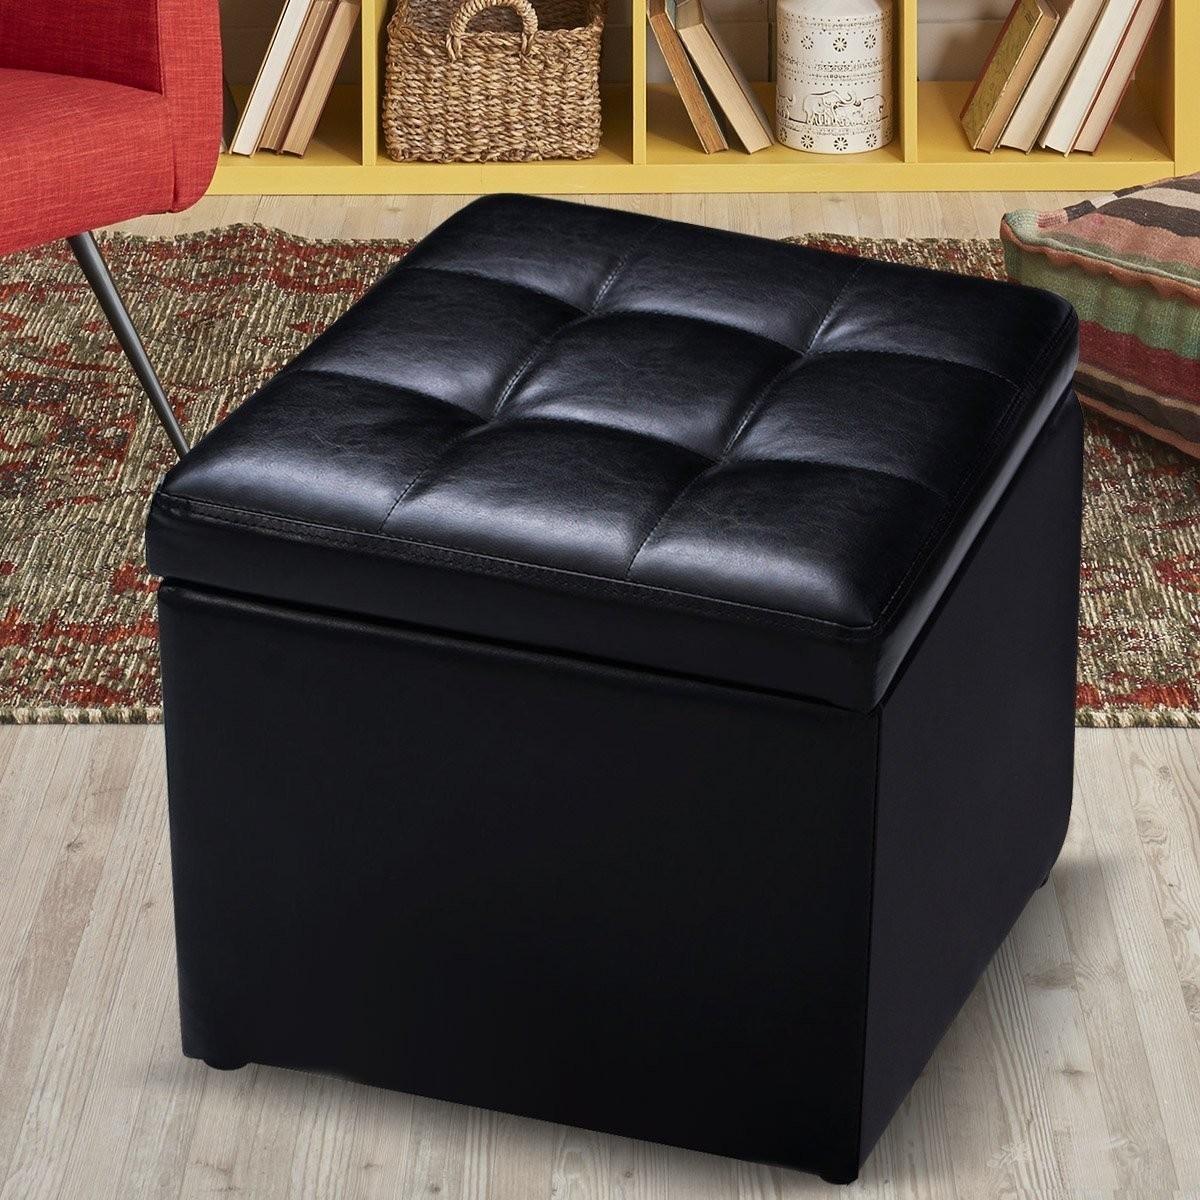 Sitzhocker aus PU-Leder mit Stauraum in schwarz / braun für ...